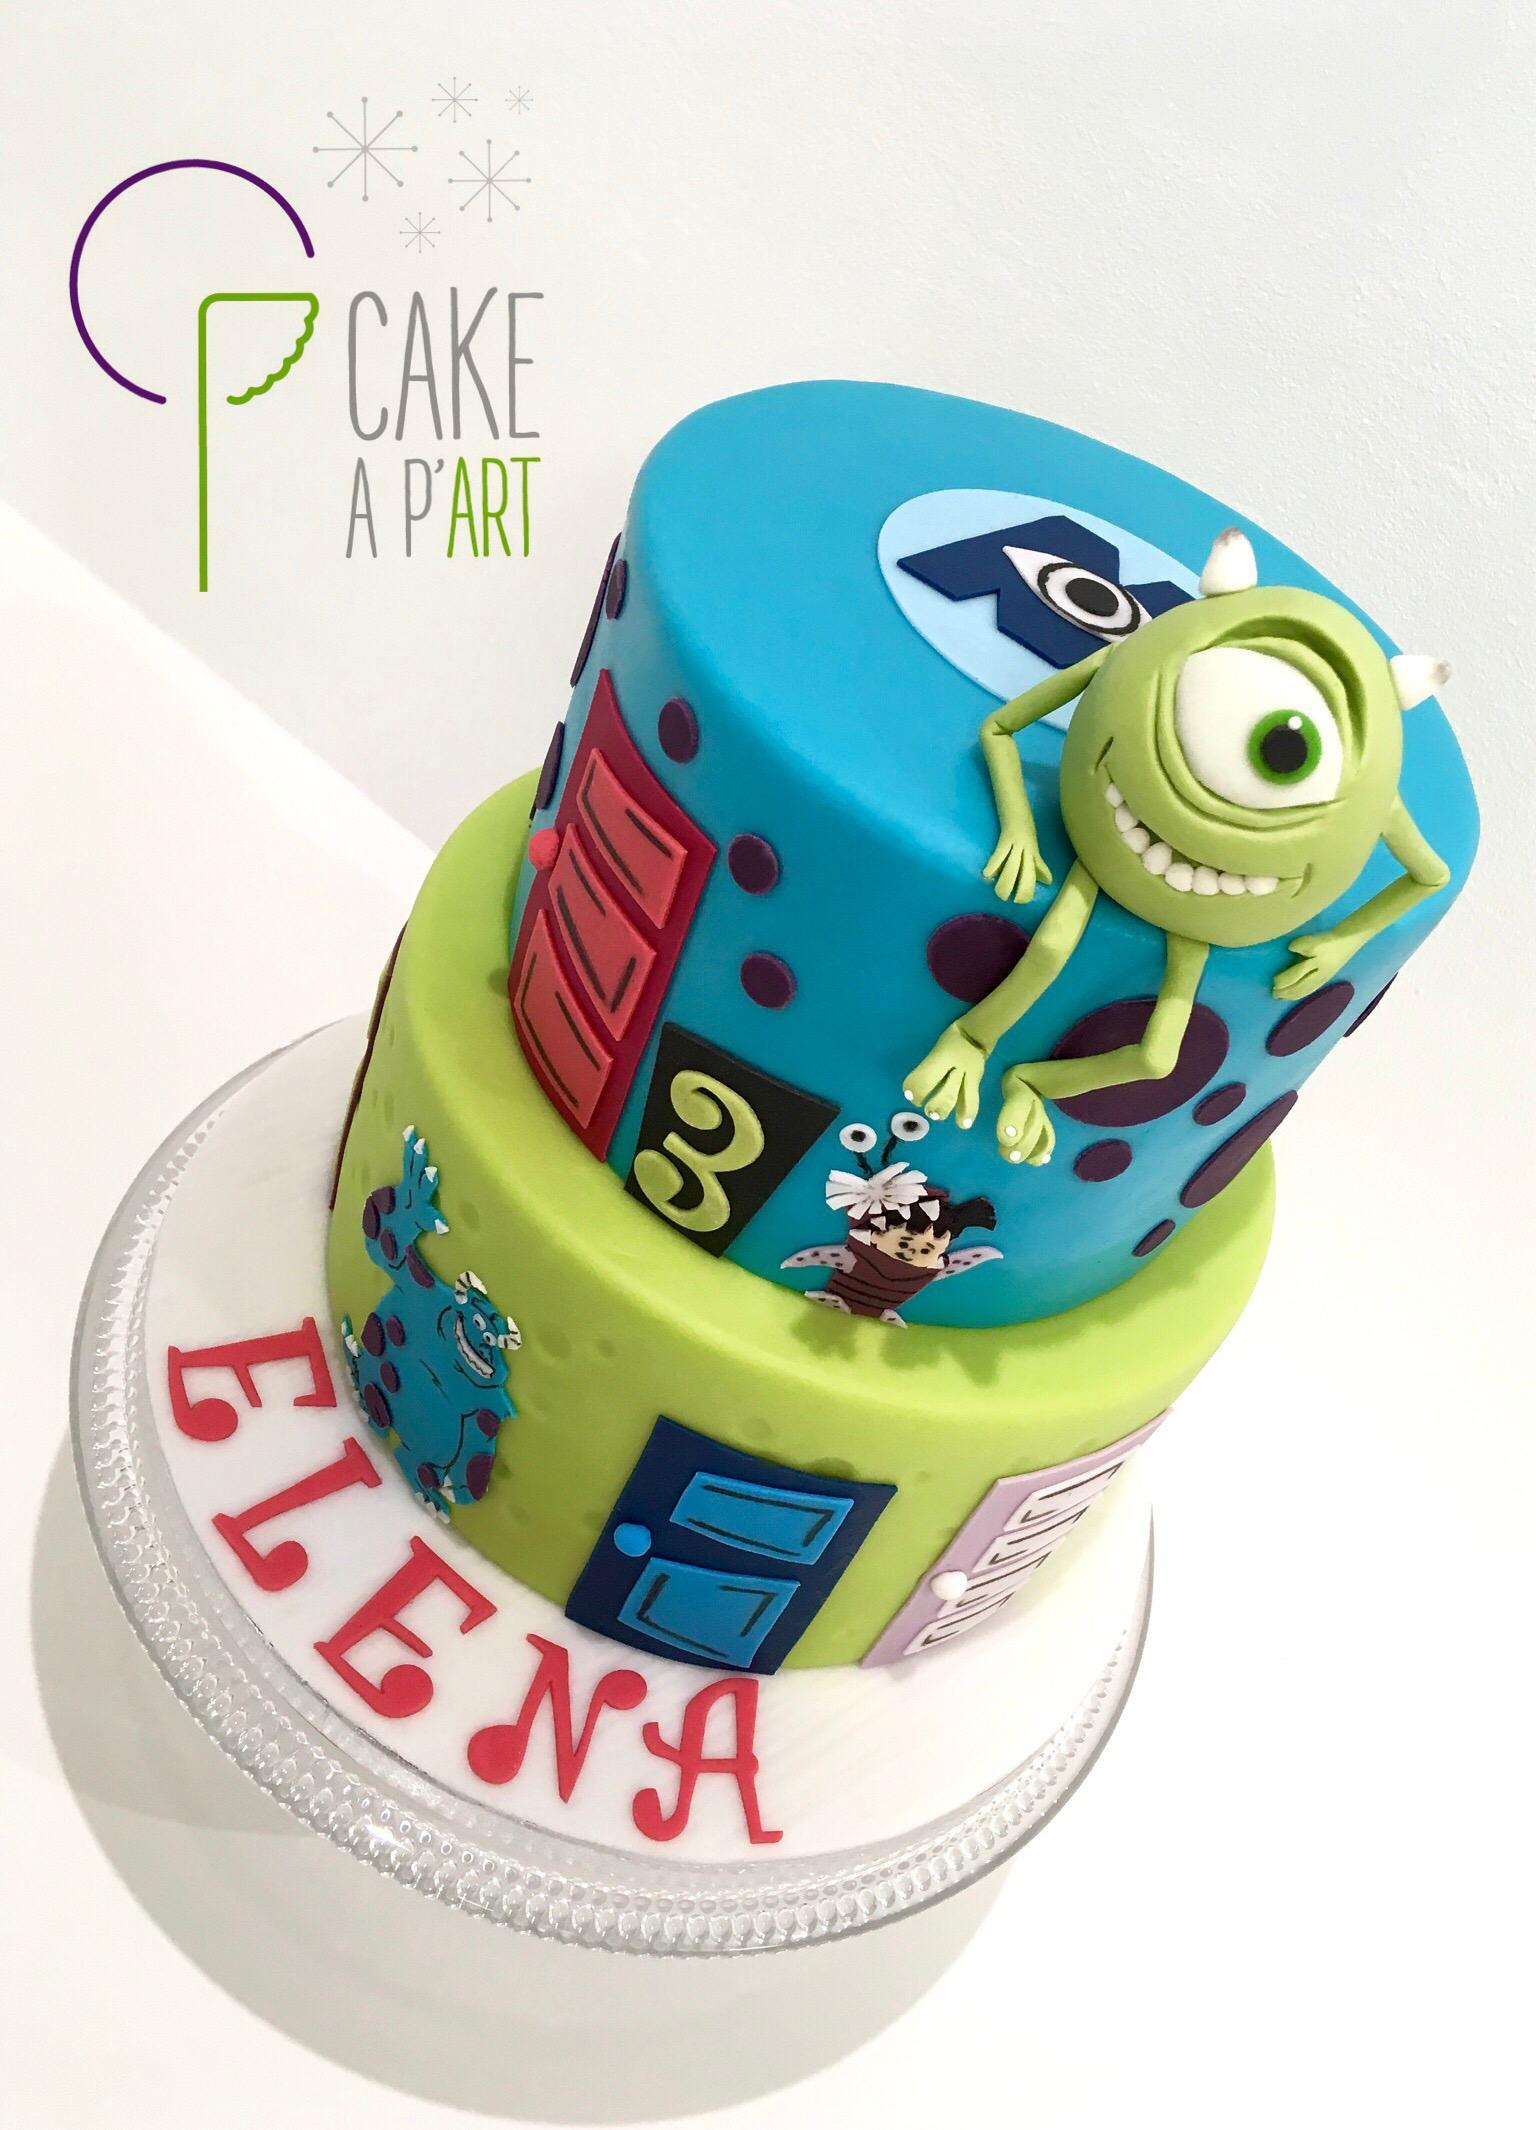 Décor modelage en sucre gâteaux personnalisés - Anniversaire Thème Monstres et compagnie Bob